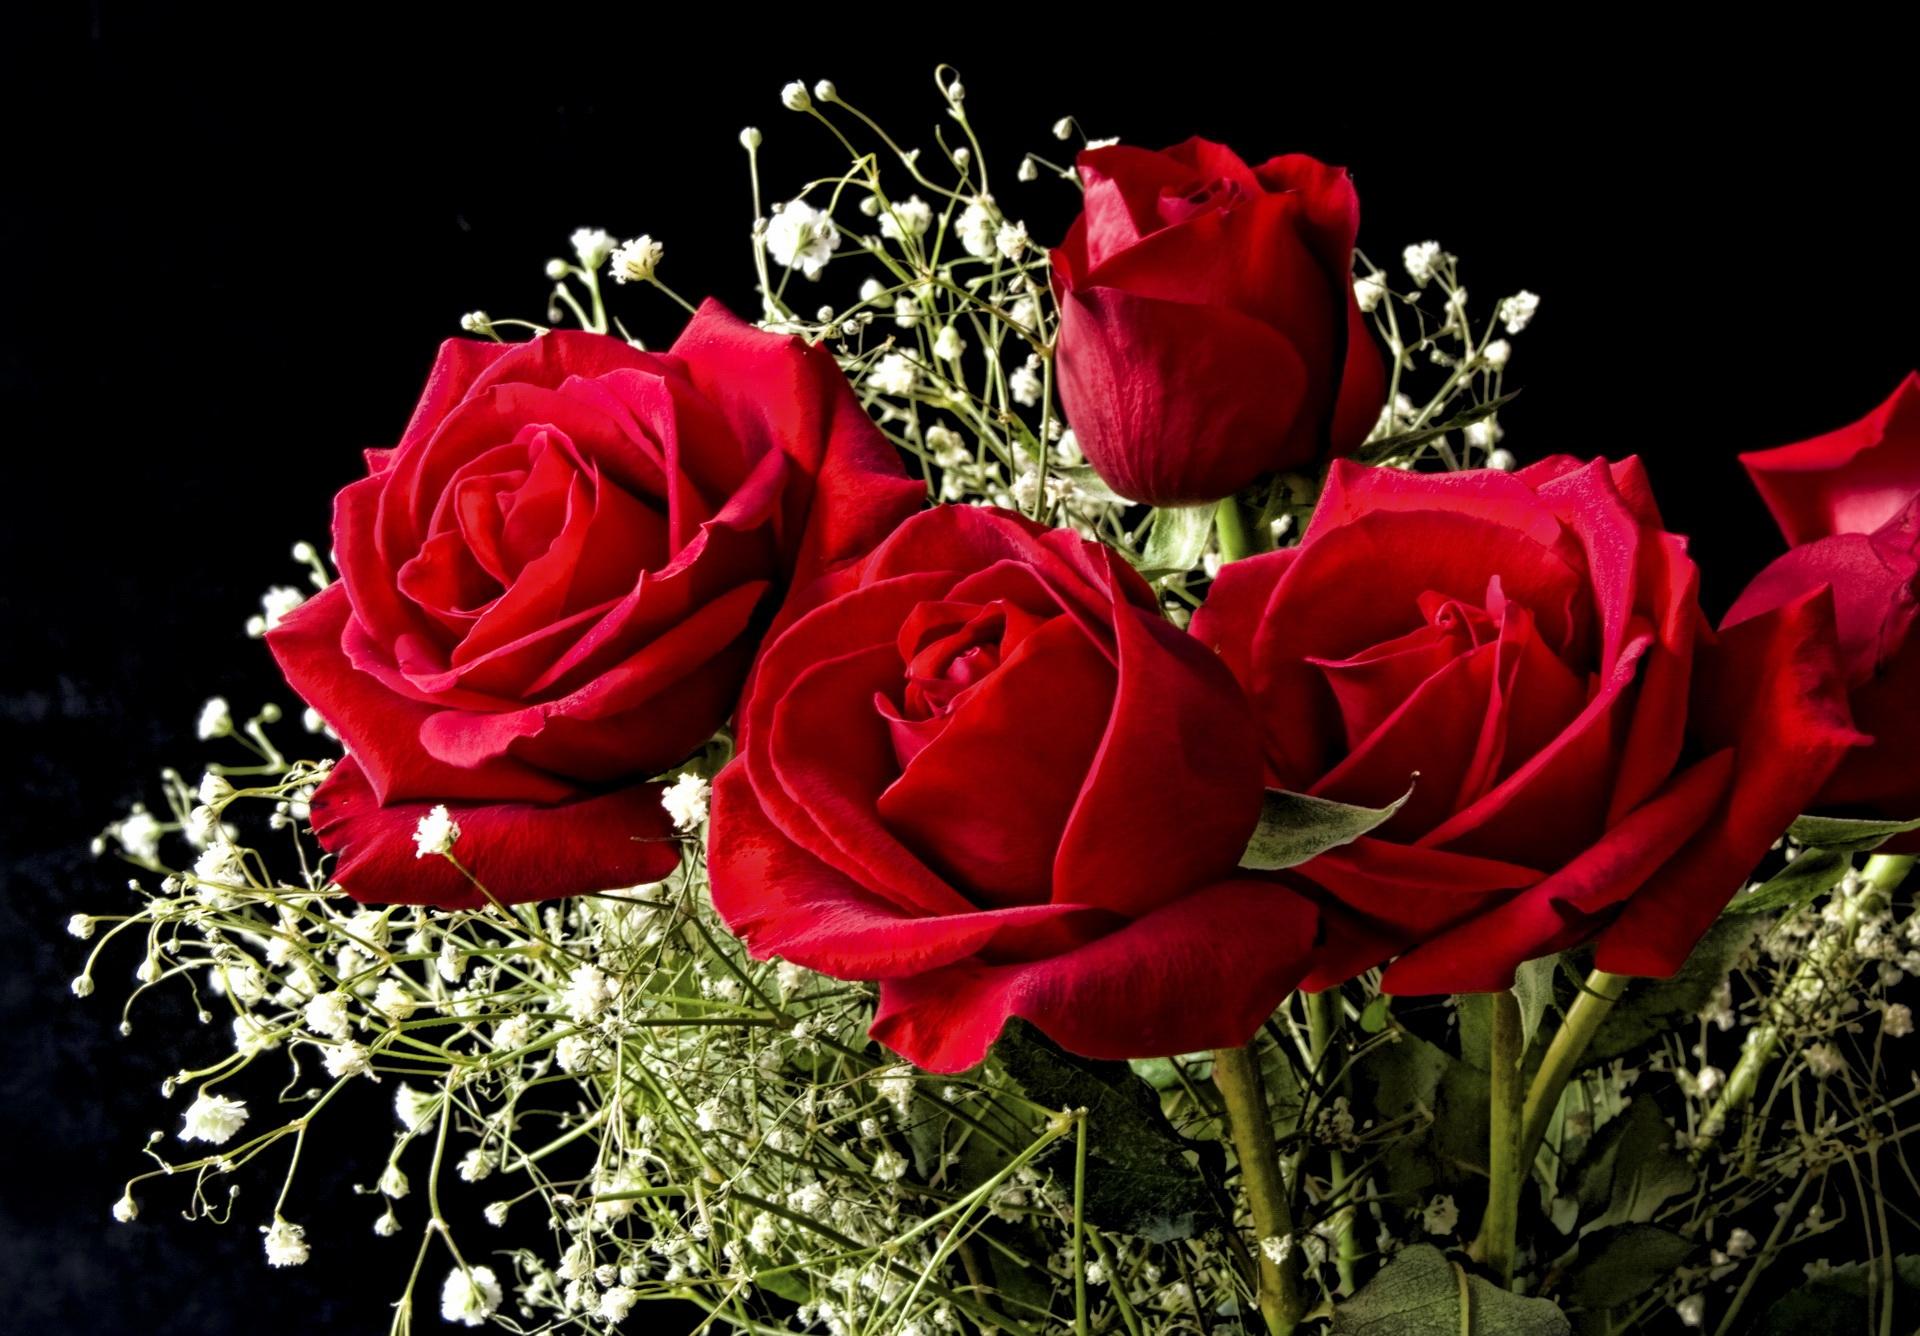 140390 Hintergrundbild herunterladen Hintergrund, Blumen, Roses, Strauß, Bouquet, Schleierkraut, Gipsophile - Bildschirmschoner und Bilder kostenlos